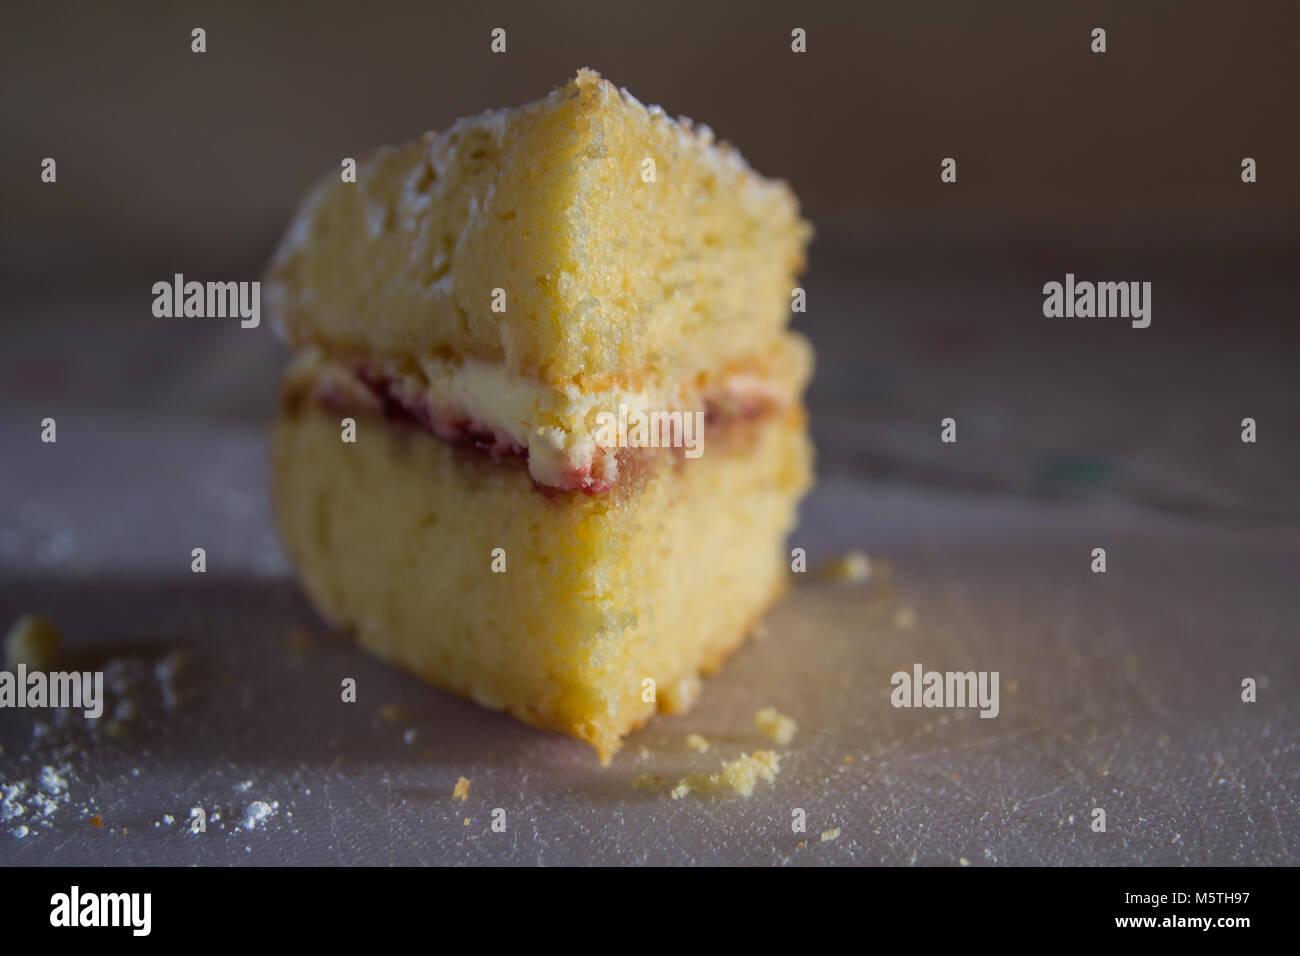 slice of Victoria sponge cake - Stock Image